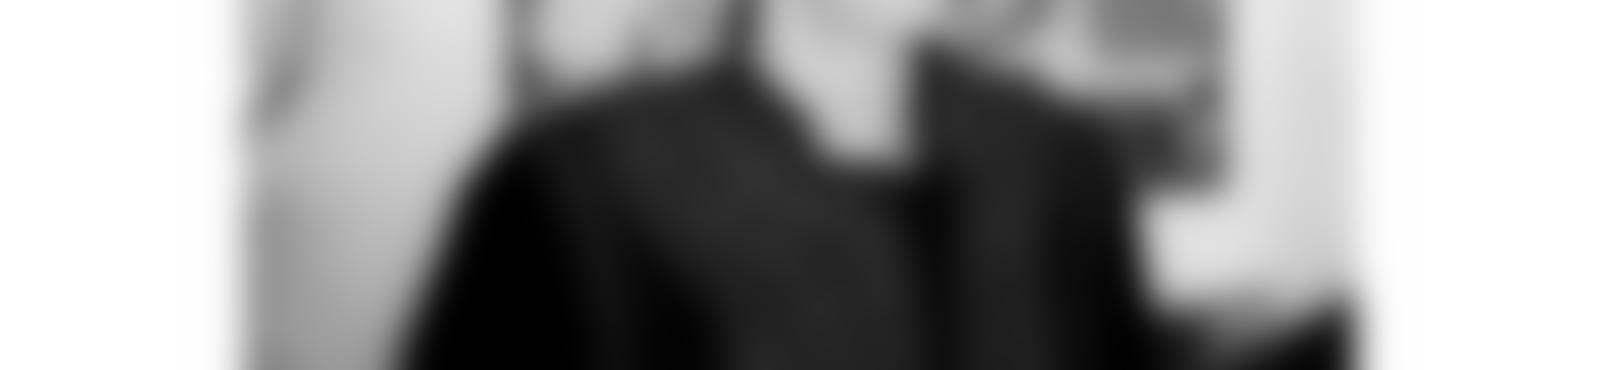 Blurred 247d0062 1032 4478 883c 01920c2dbdd5